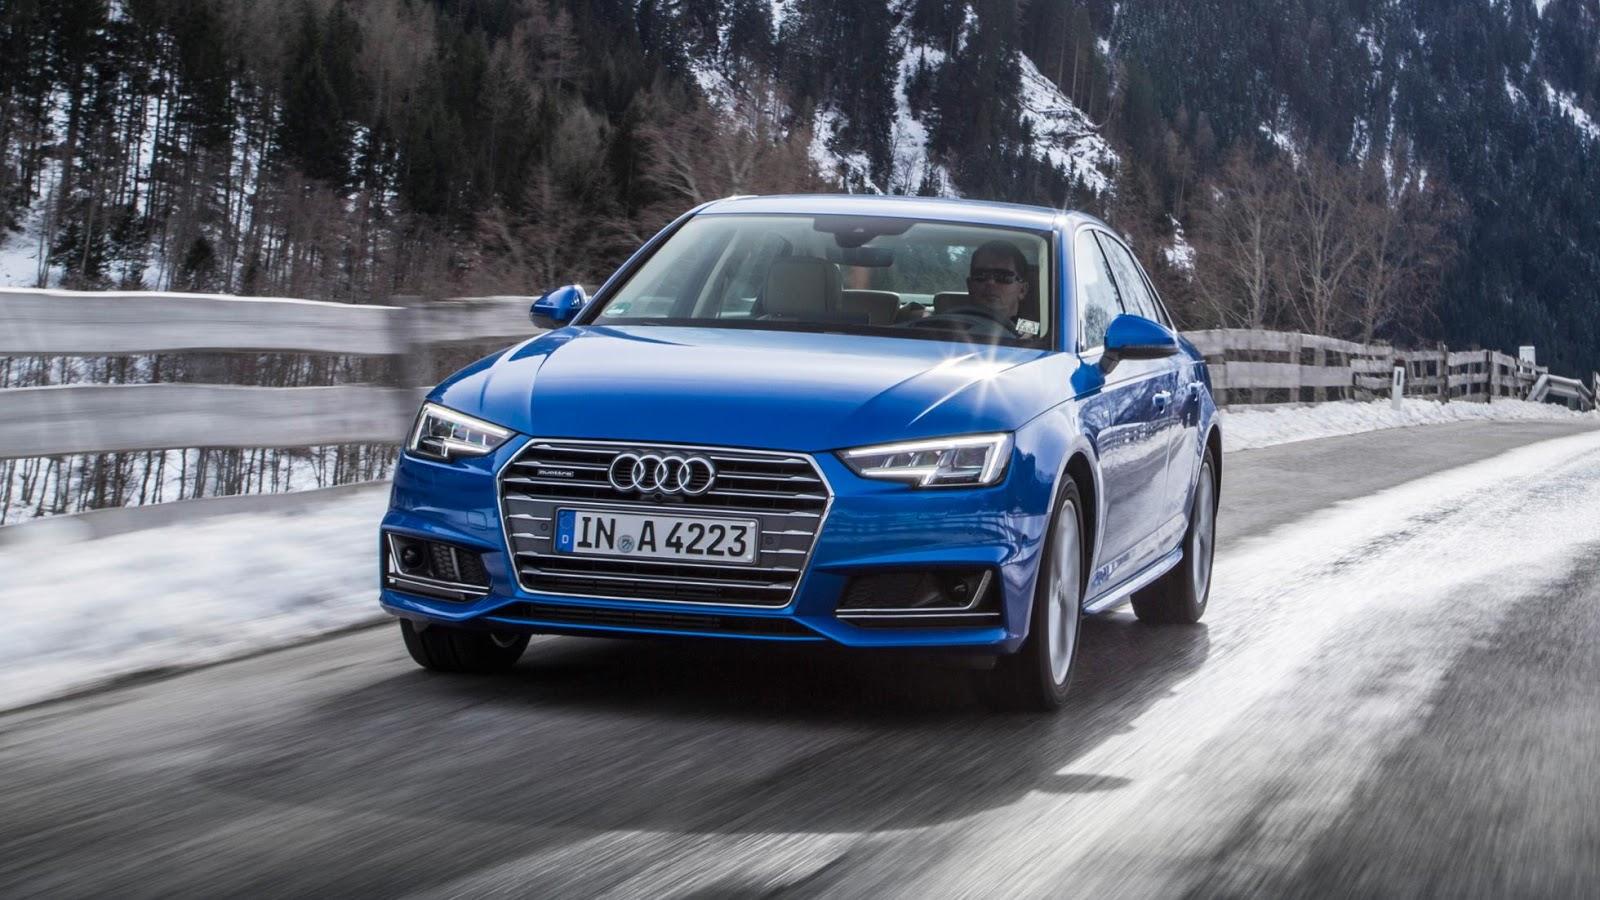 Bạn mong chờ gì ở Audi trong năm nay?